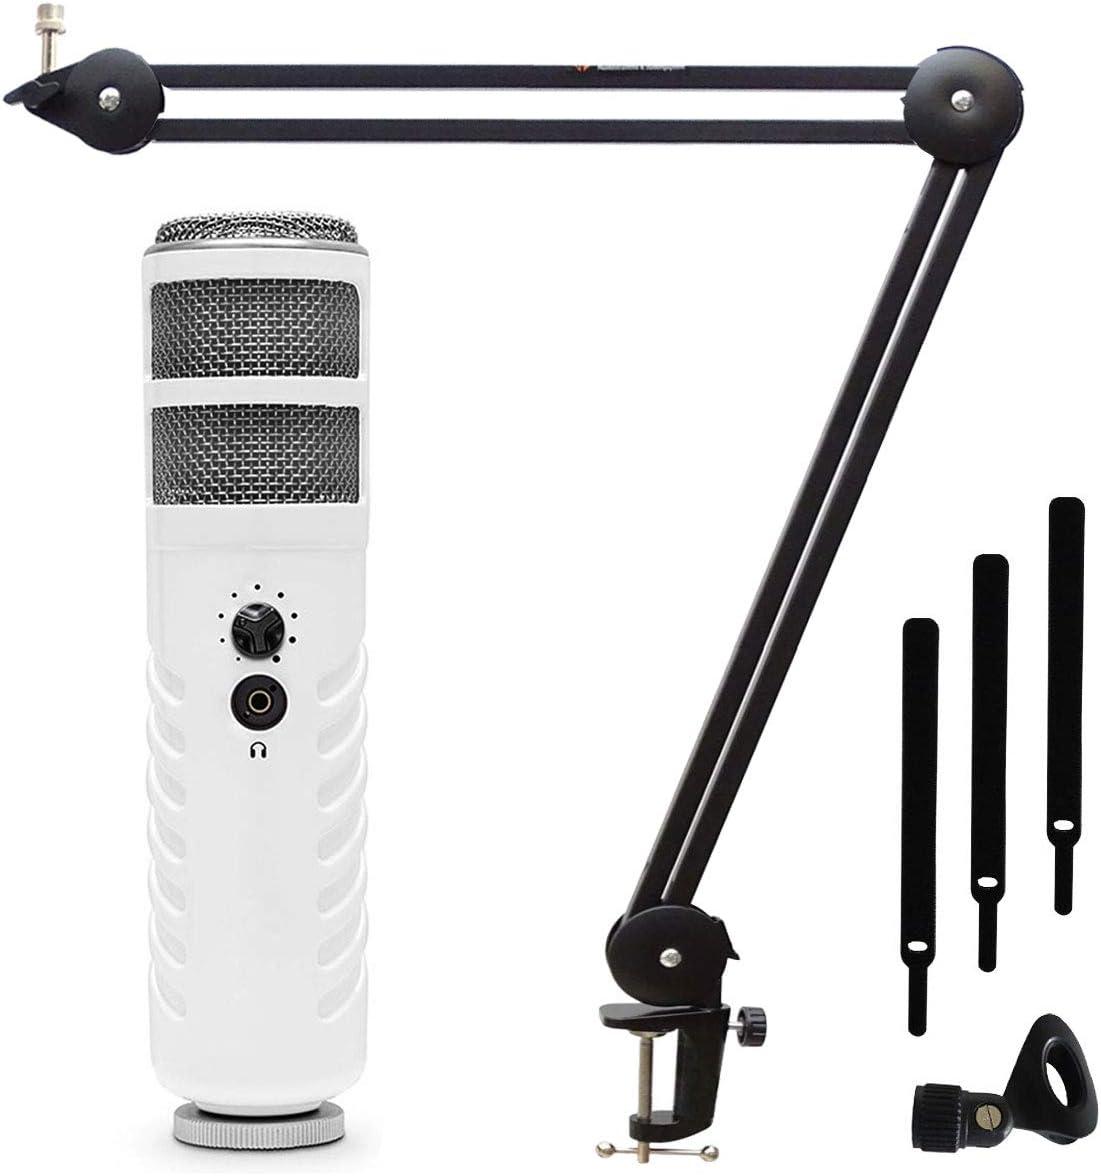 Rode Podcaster MKII - Micrófono de conversor (conexión USB, brazo de micrófono Keepdrum MS138)